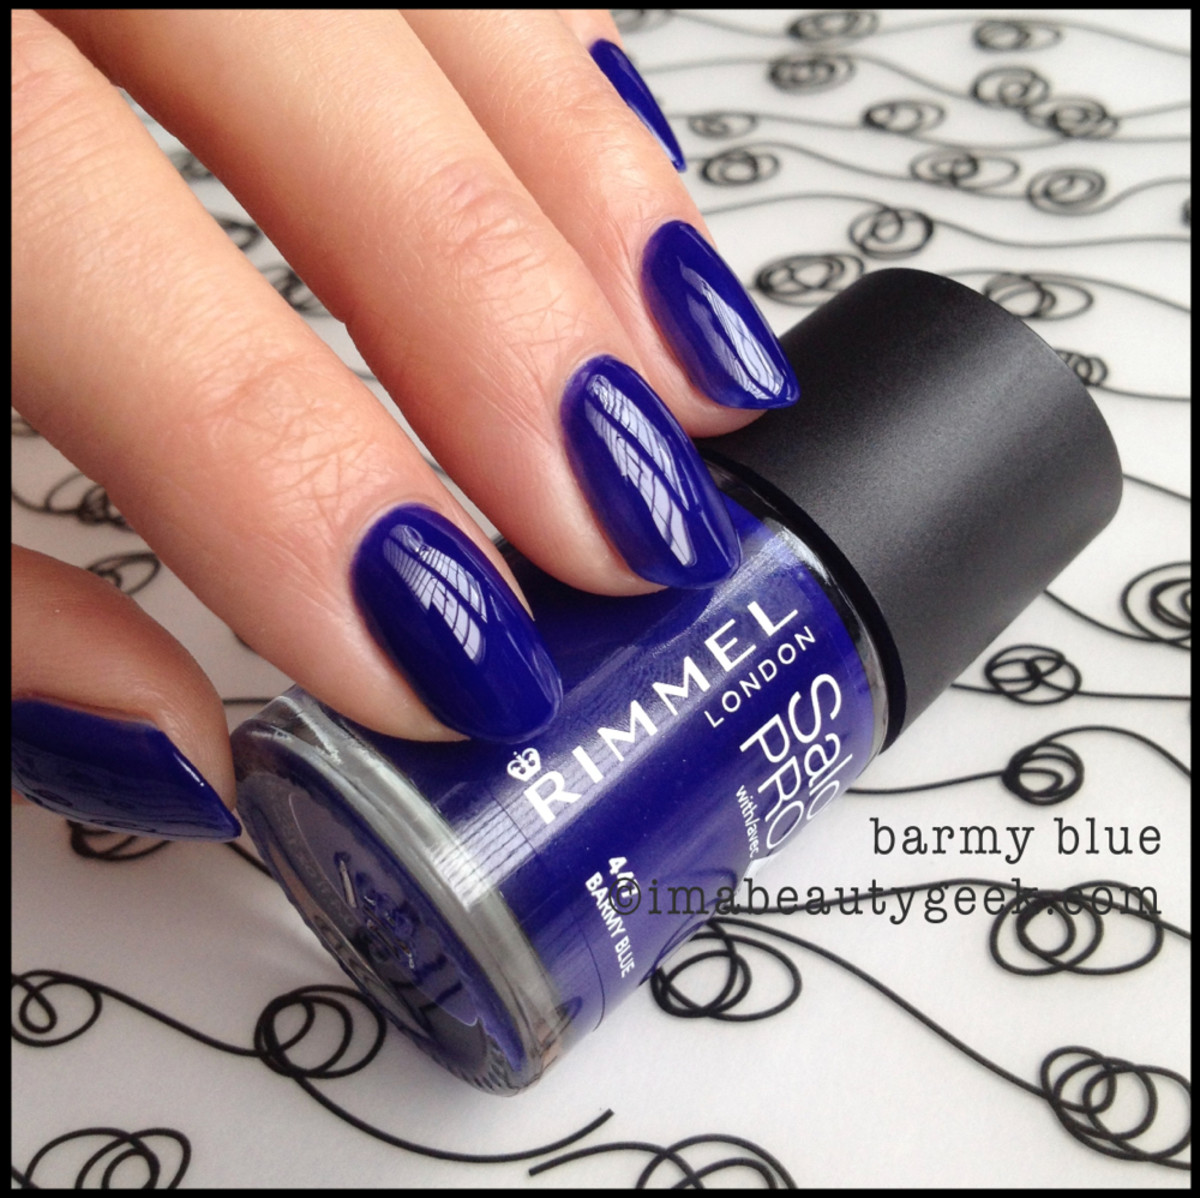 Rimmel Polish Barmy Blue Spring 2014